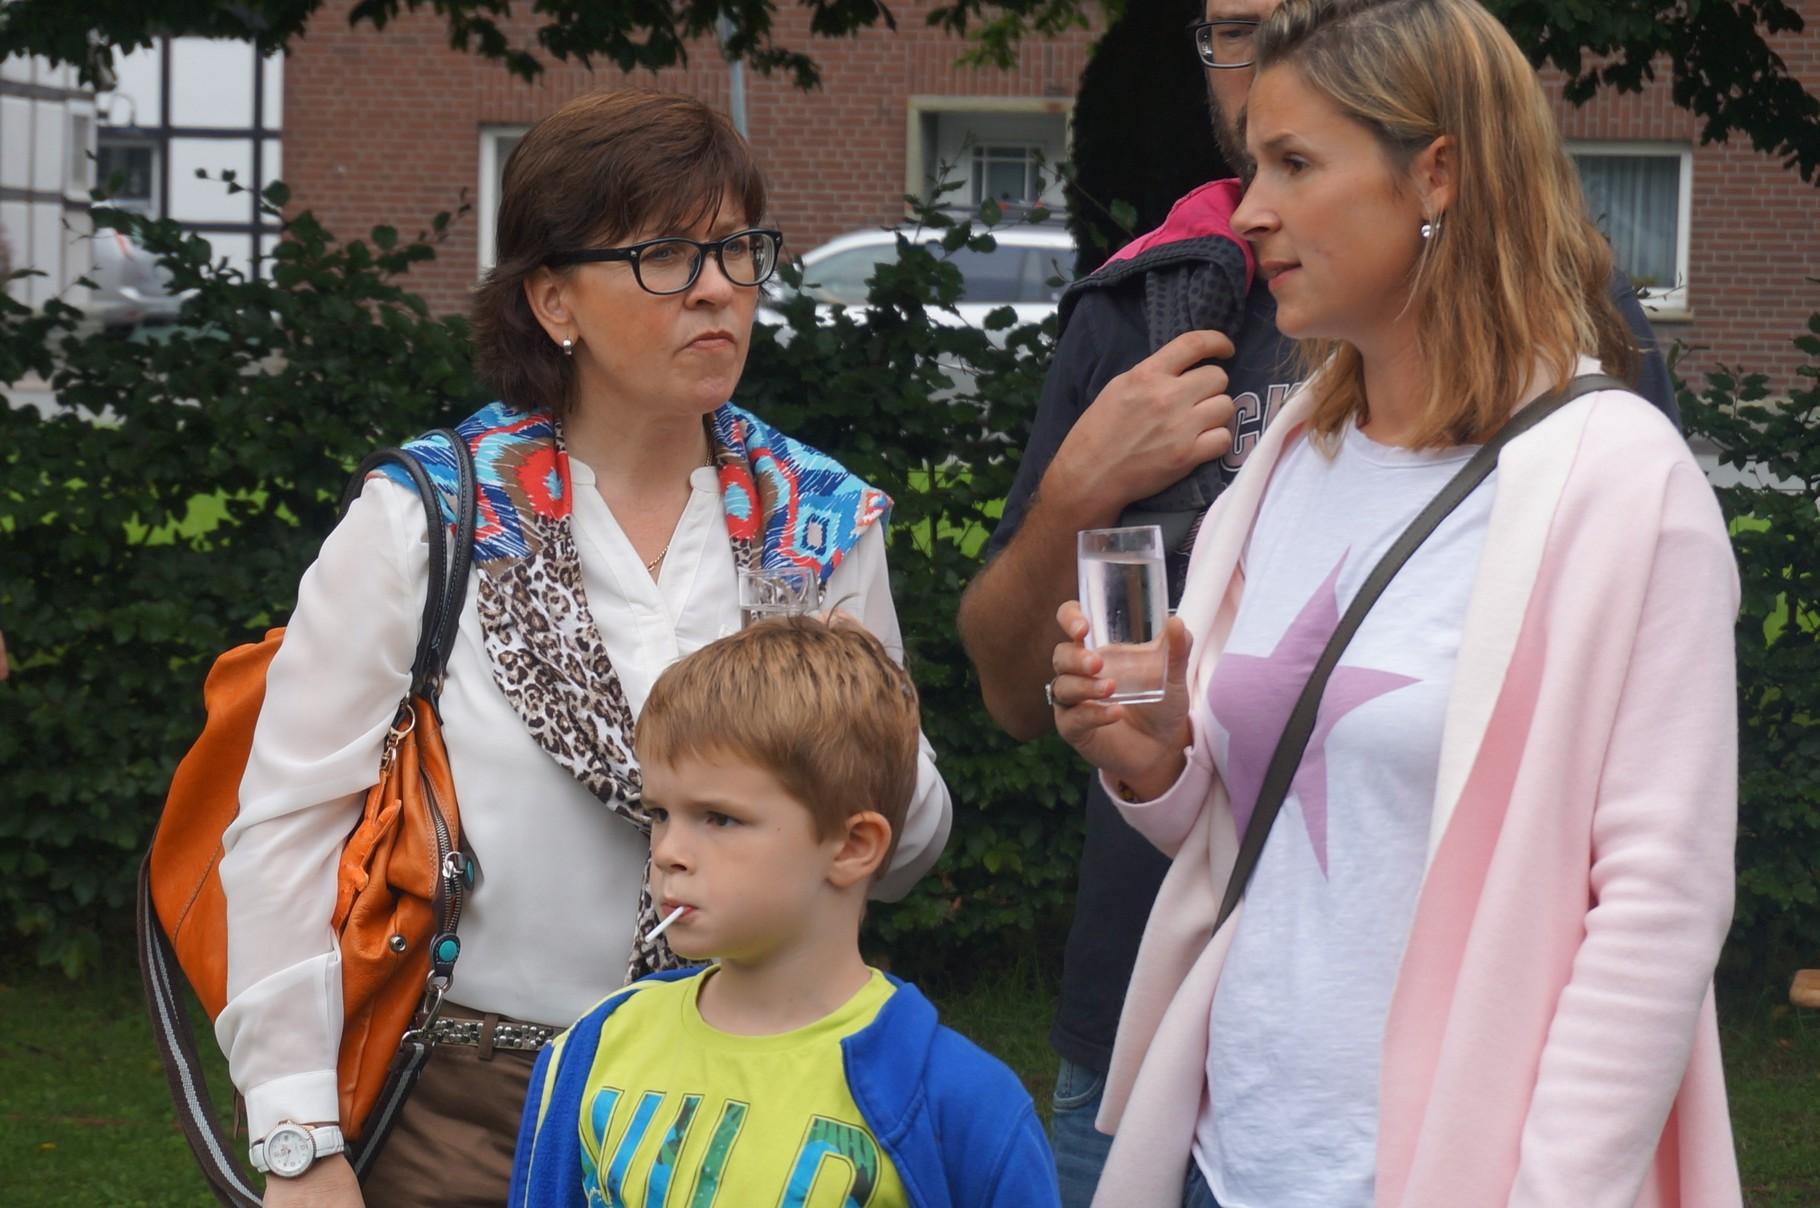 Trainerinnen Annette Schwertheim und Clarissa Studinski